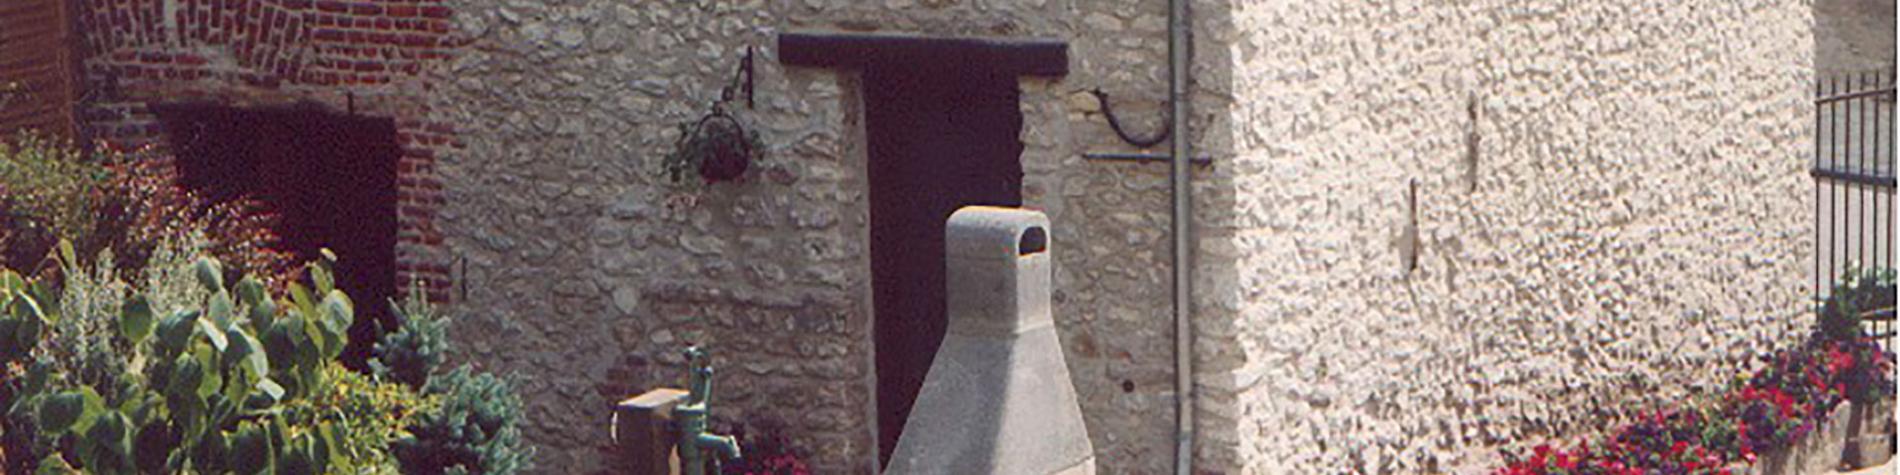 Gîte rural - Le Champ du Curé - Braine-le-Château